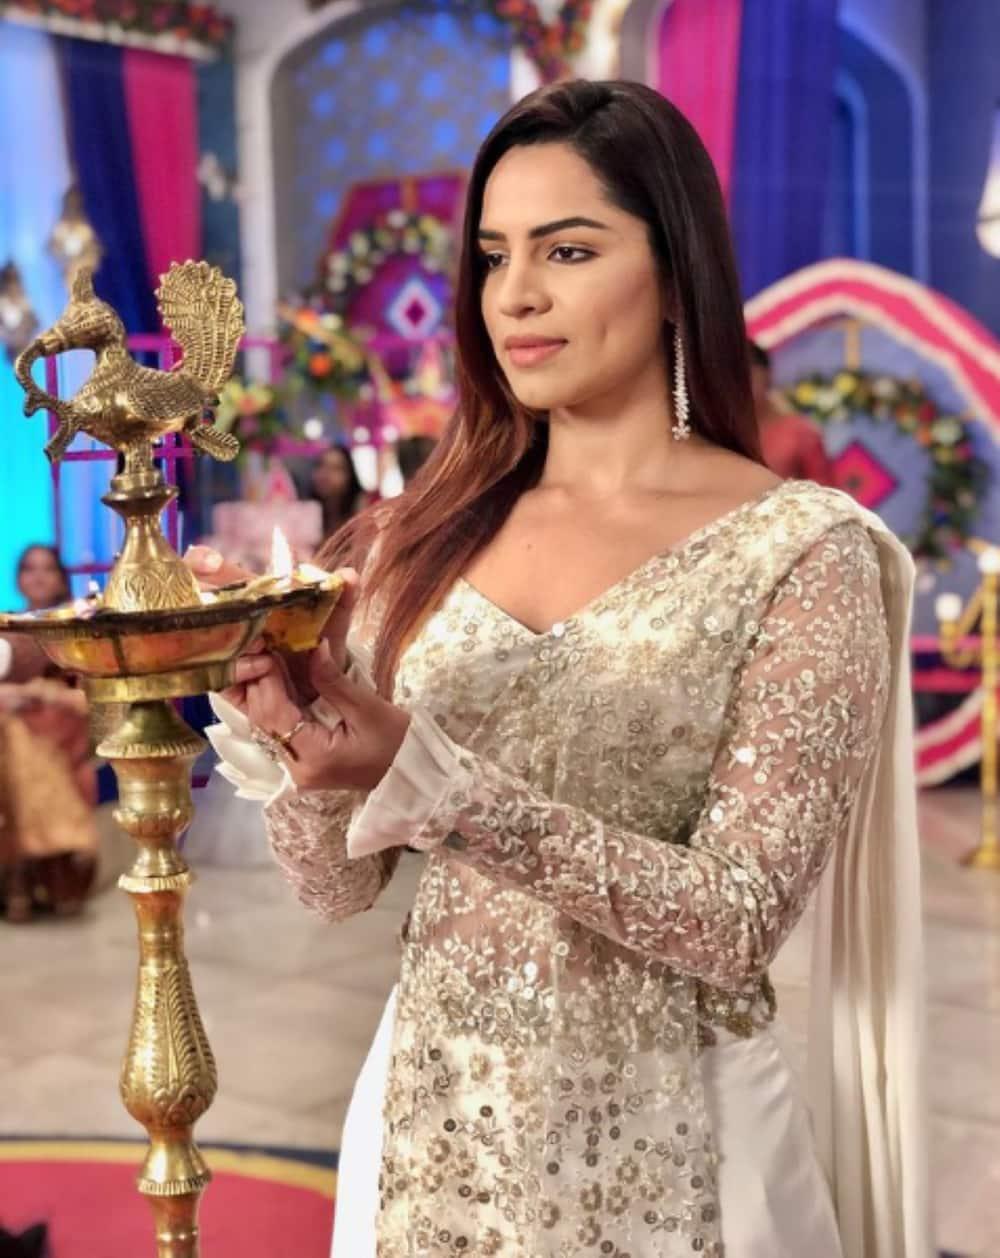 Zee world twist of fate season 2 cast